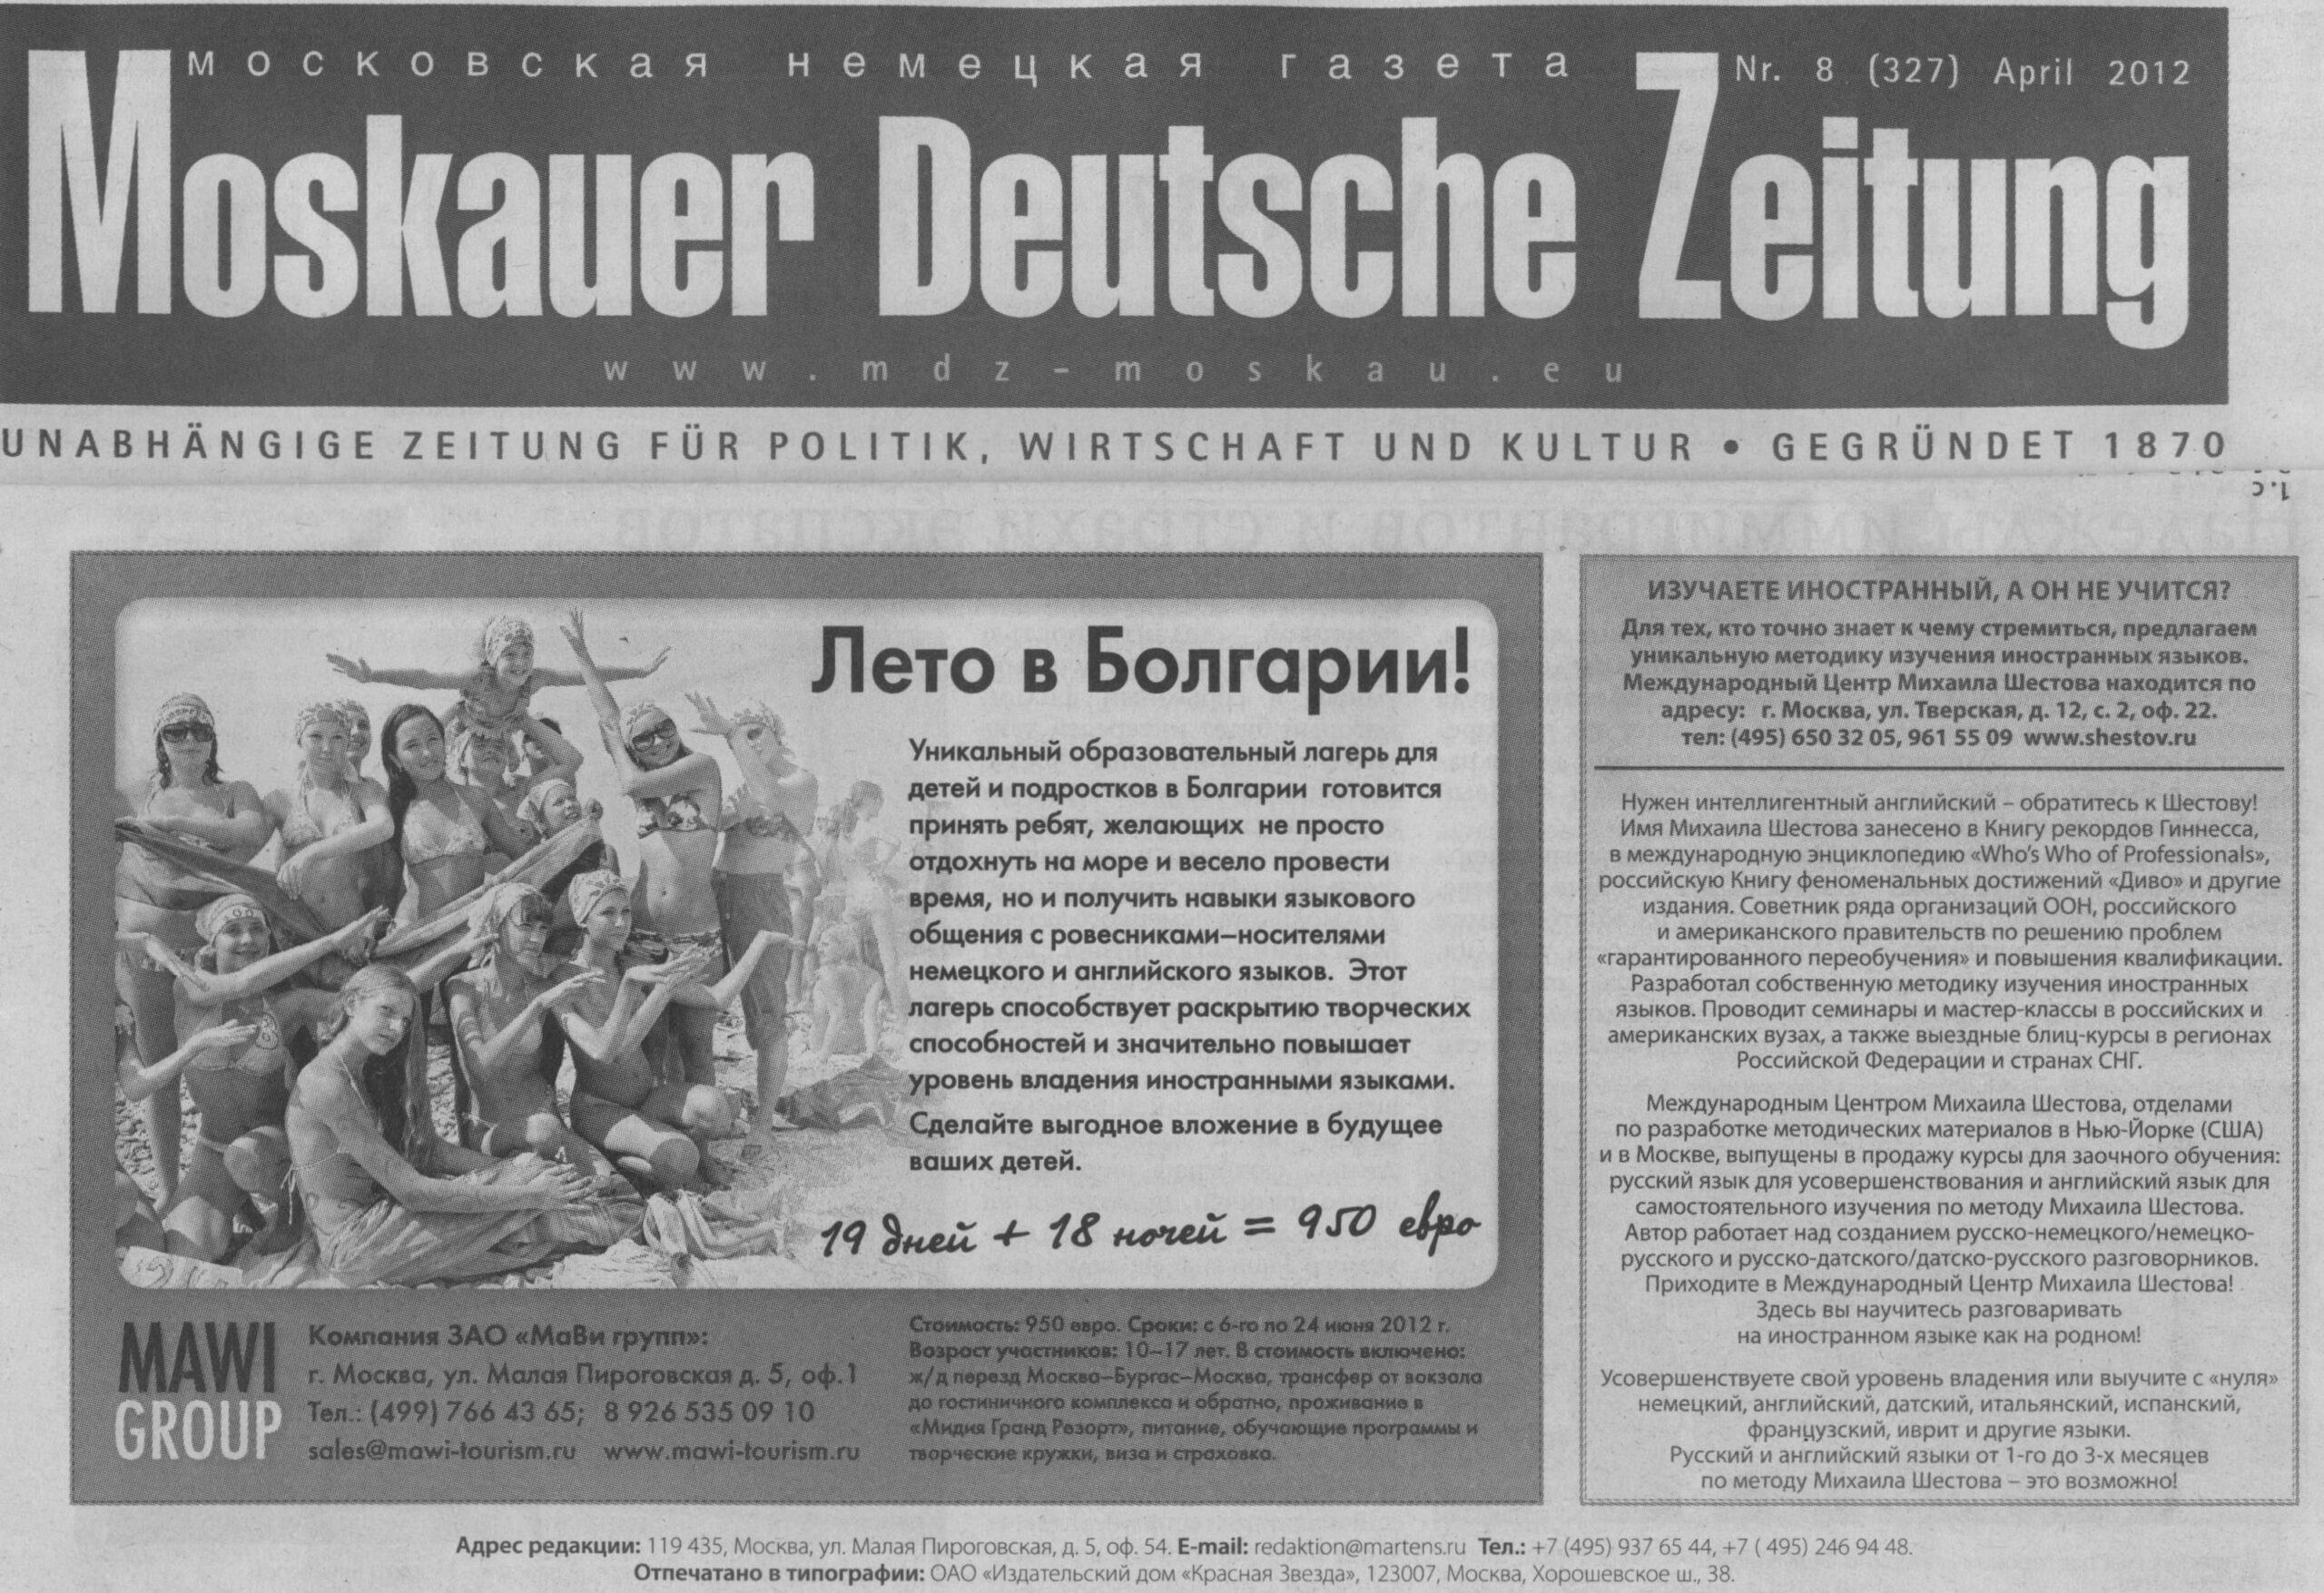 Moskauer Deutsche Zeitung, 2012